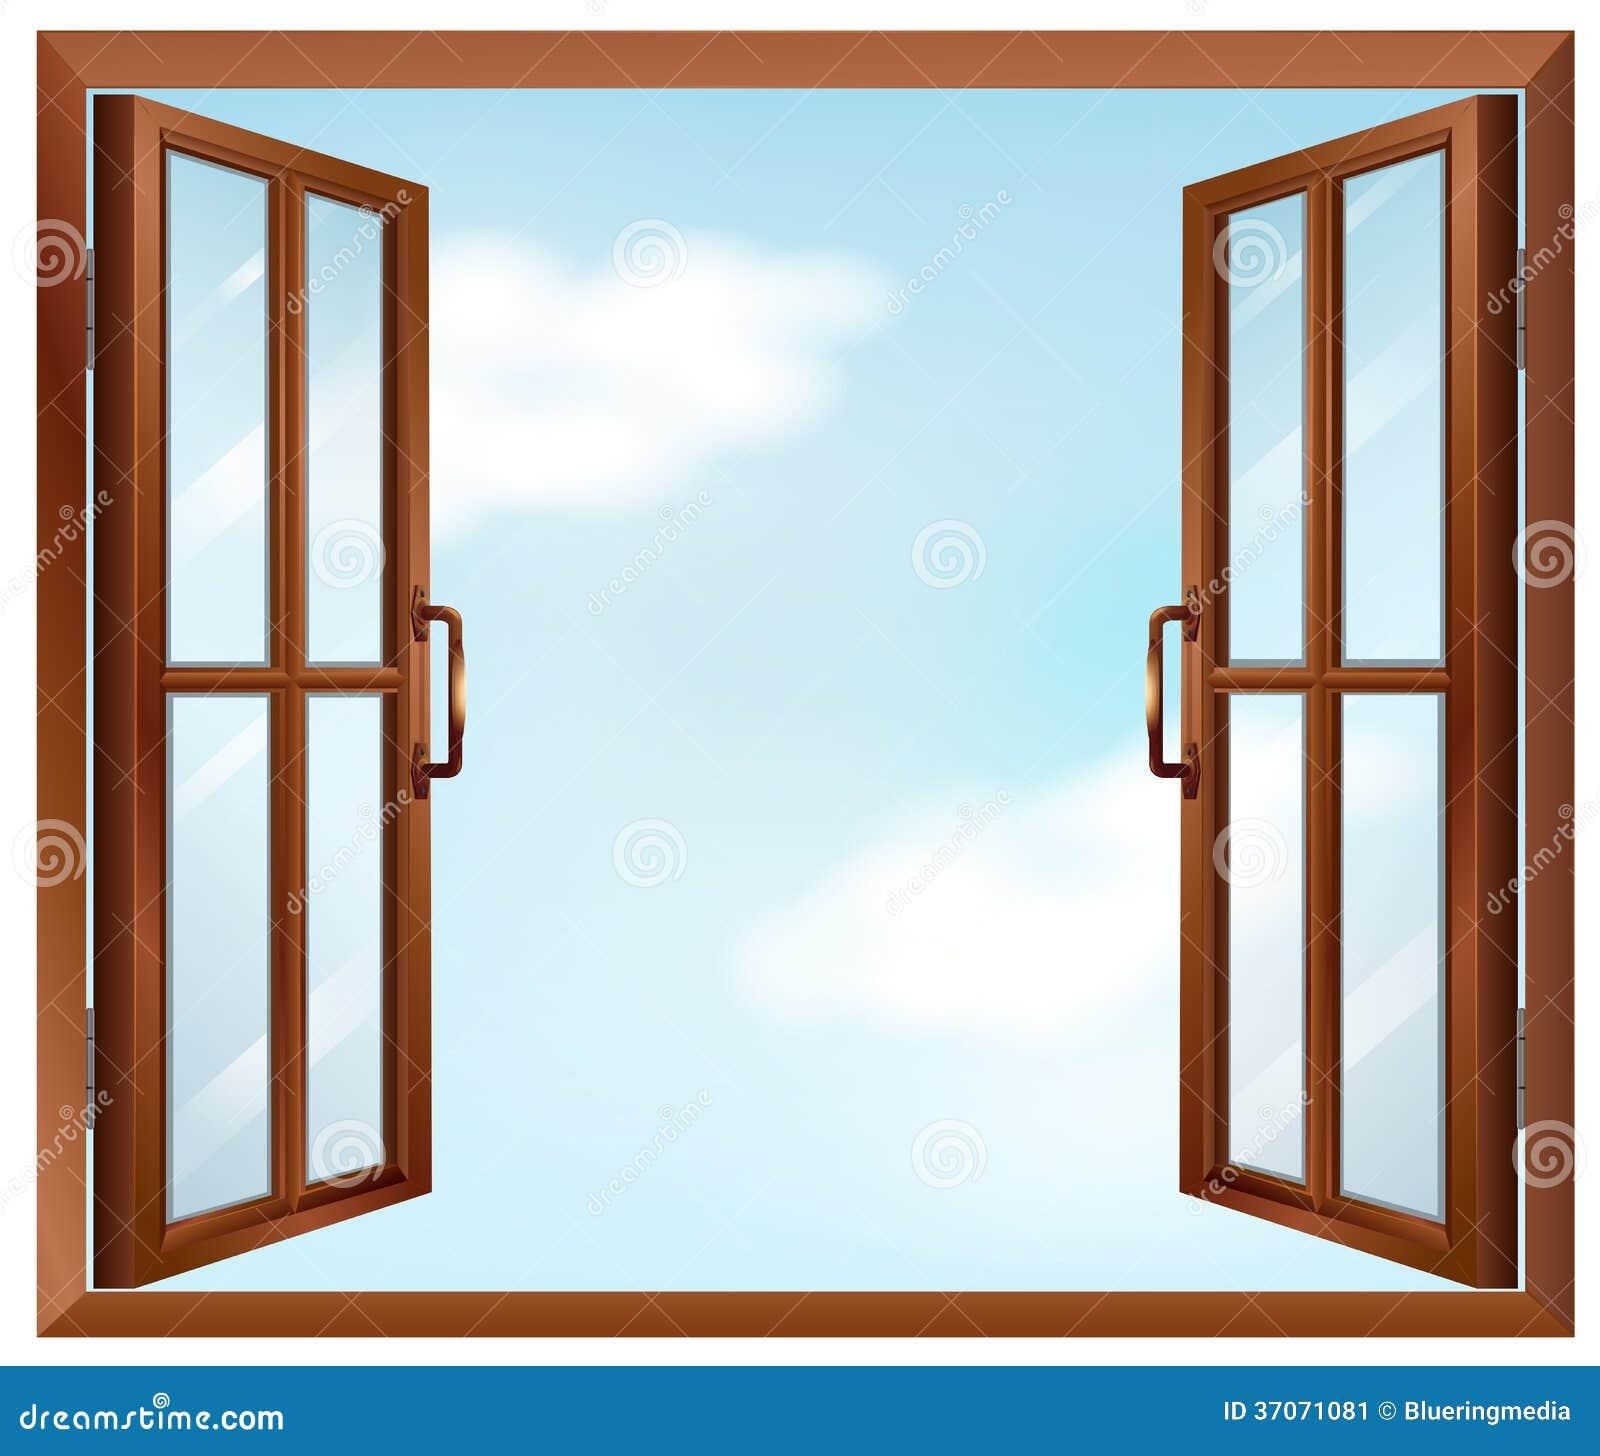 une fen tre de maison image stock image 37071081. Black Bedroom Furniture Sets. Home Design Ideas